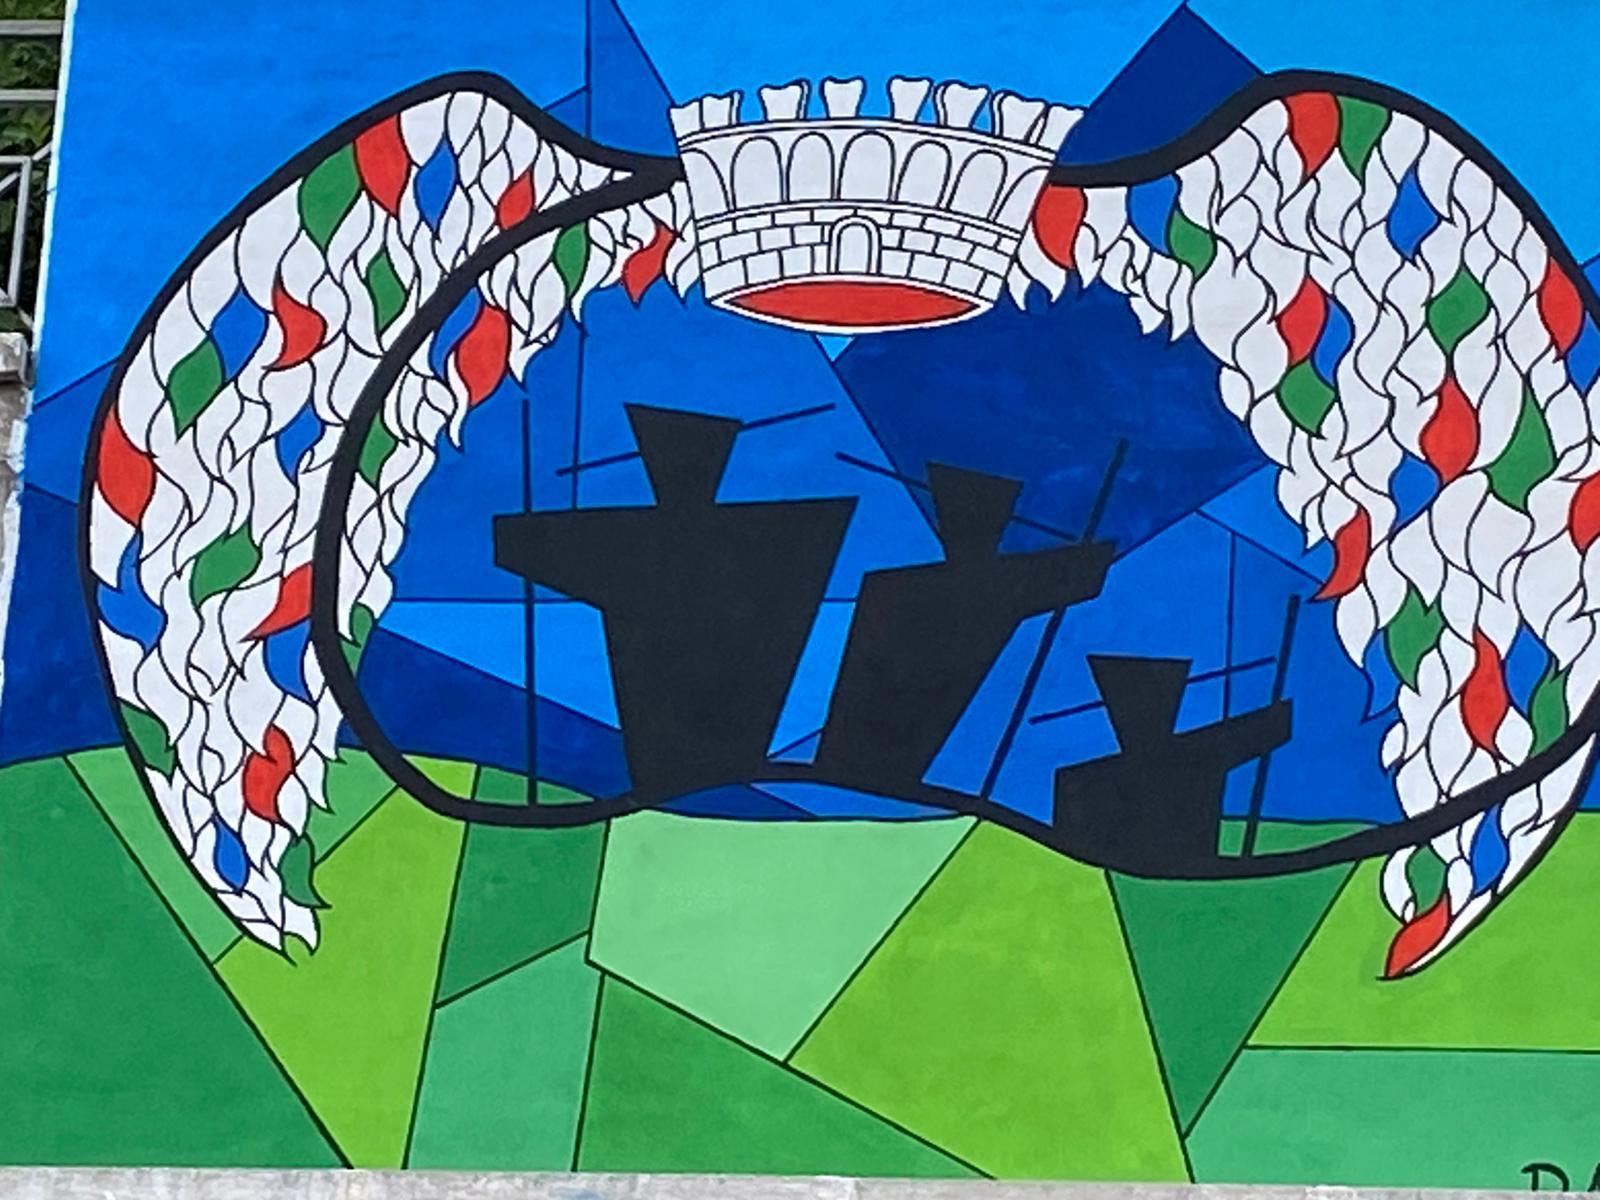 Murales a Sante Marie, al via il bando per la realizzazione artistiche